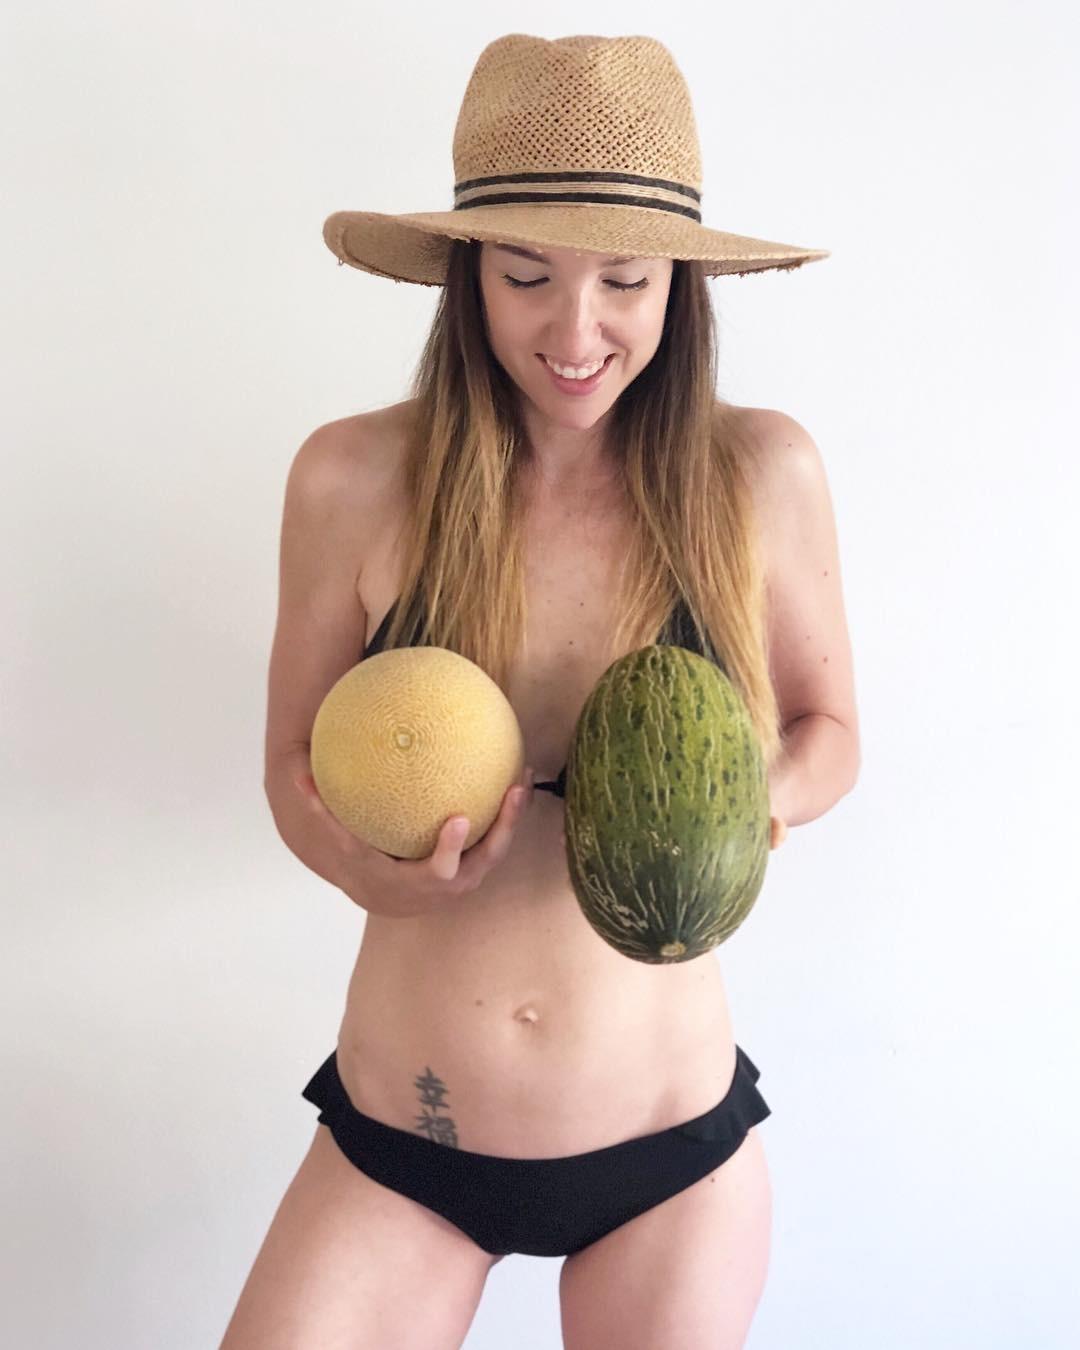 es malo tener un seno mas grande que el otro